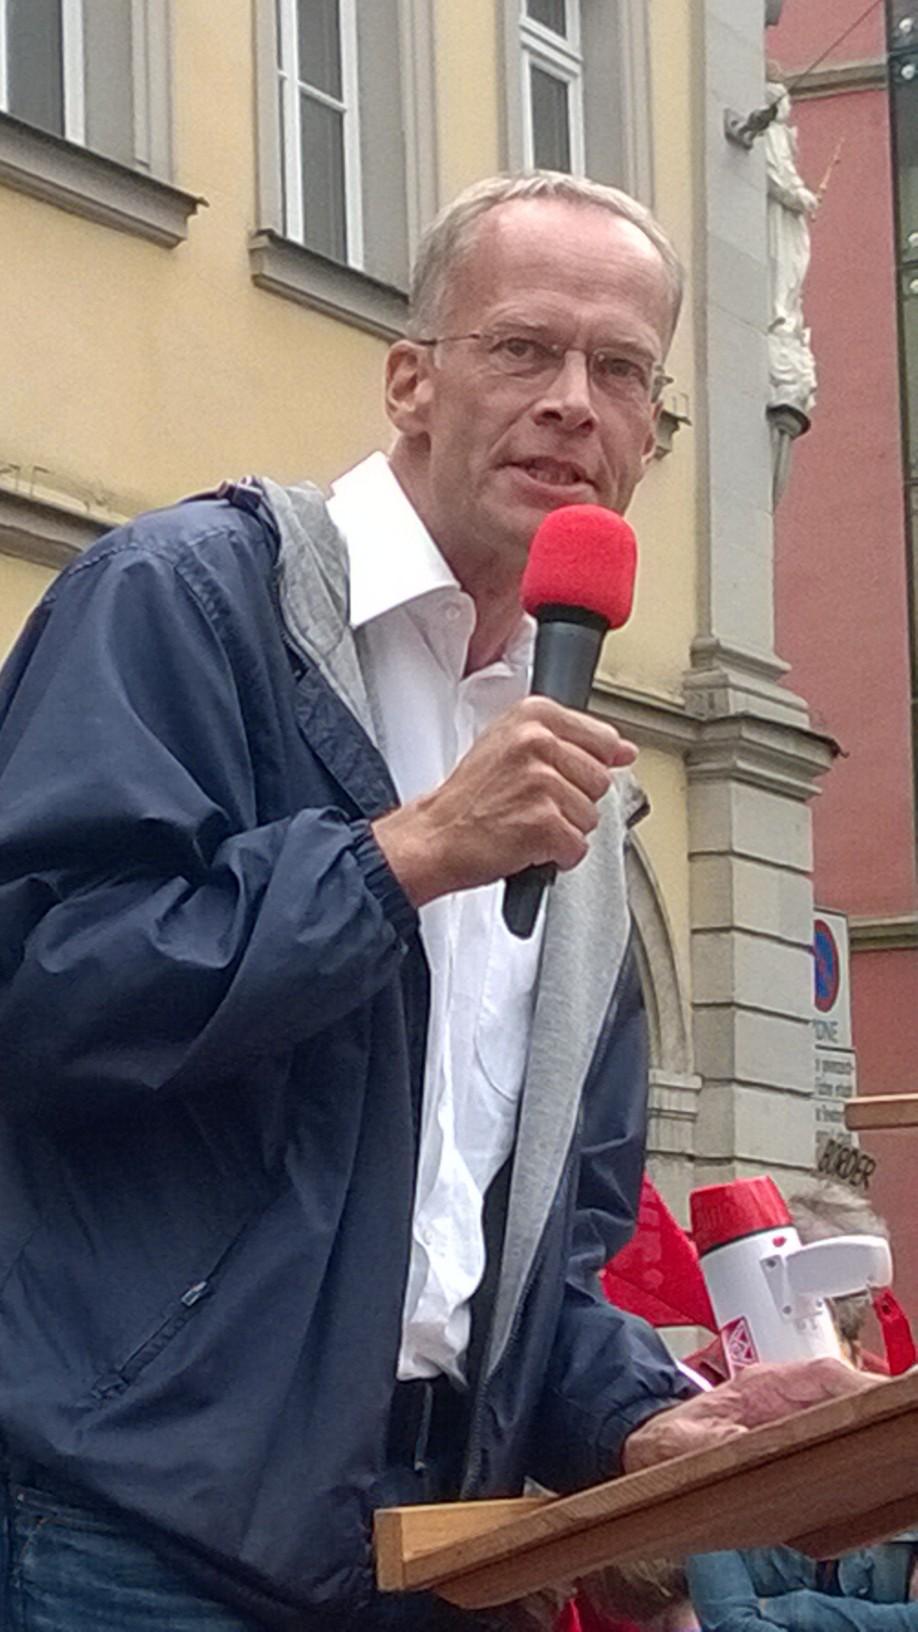 Burkhard Hose bei seiner Rede während der Demonstration.